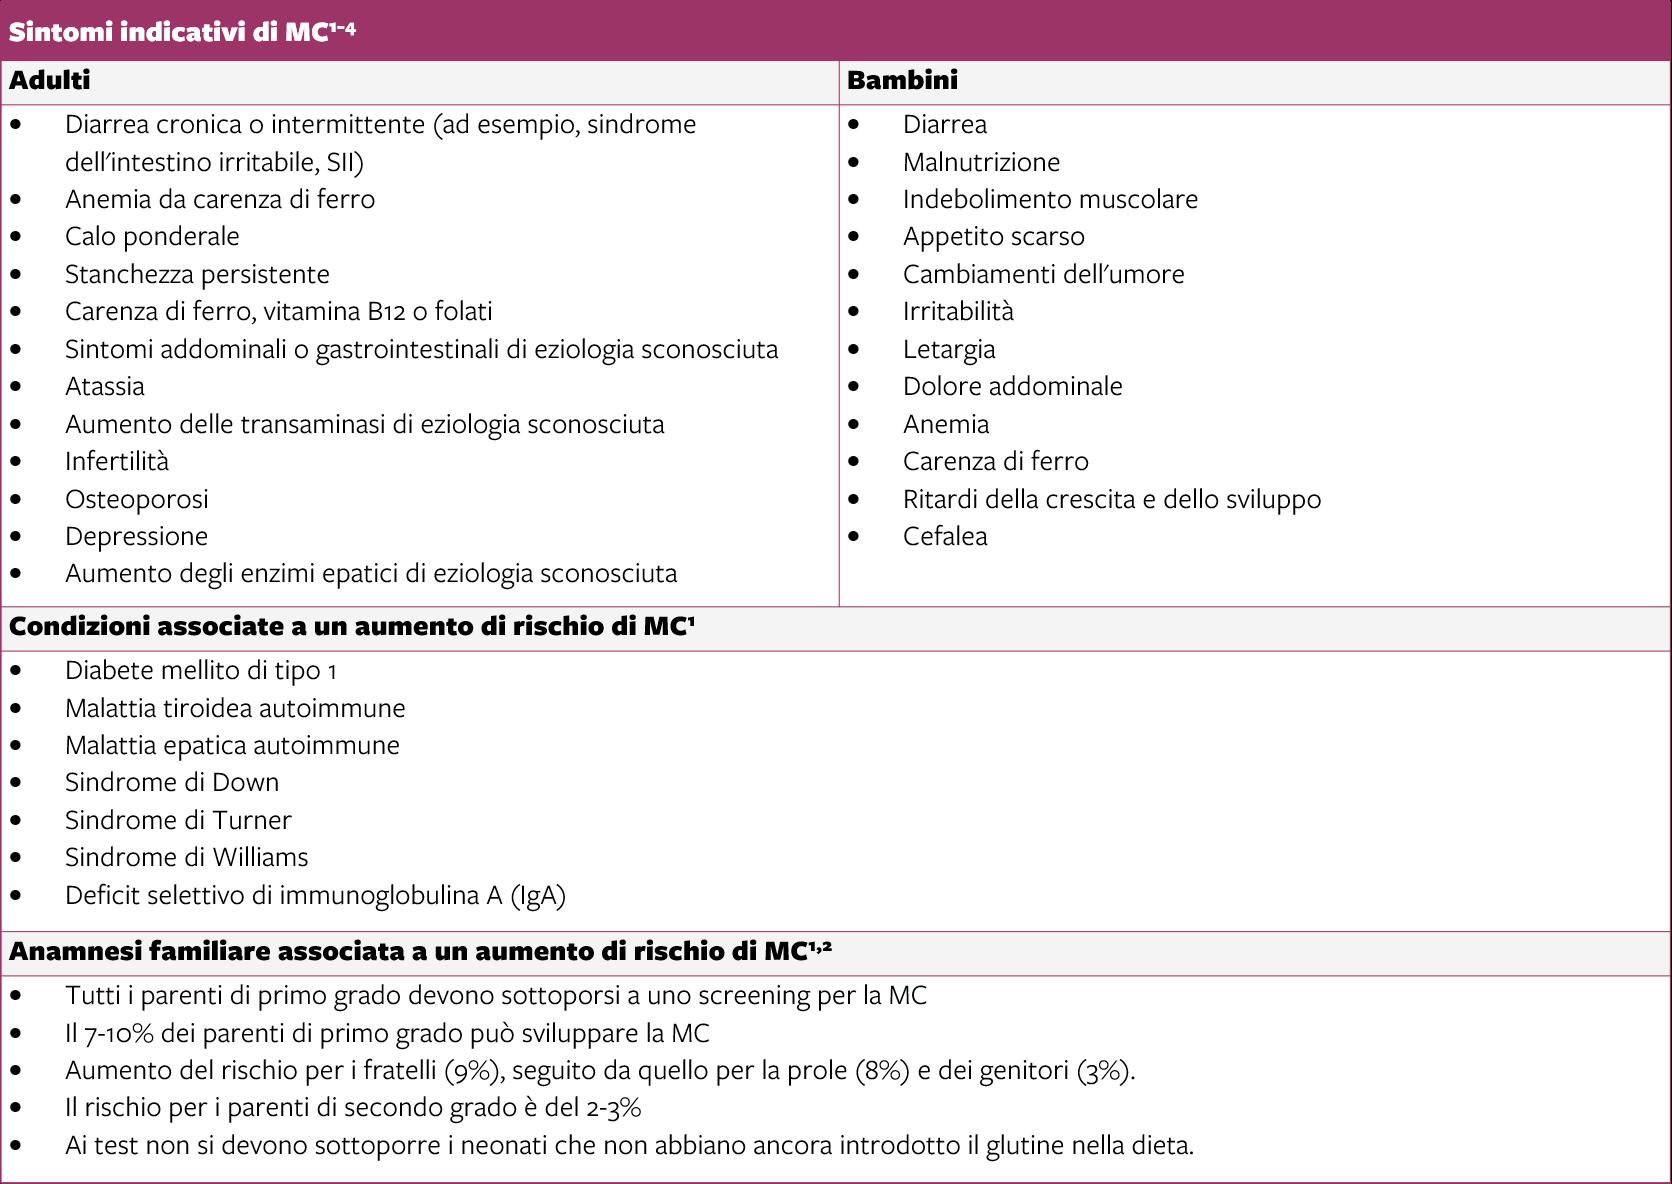 Tavola - Sintomi indicativi di MC1-4